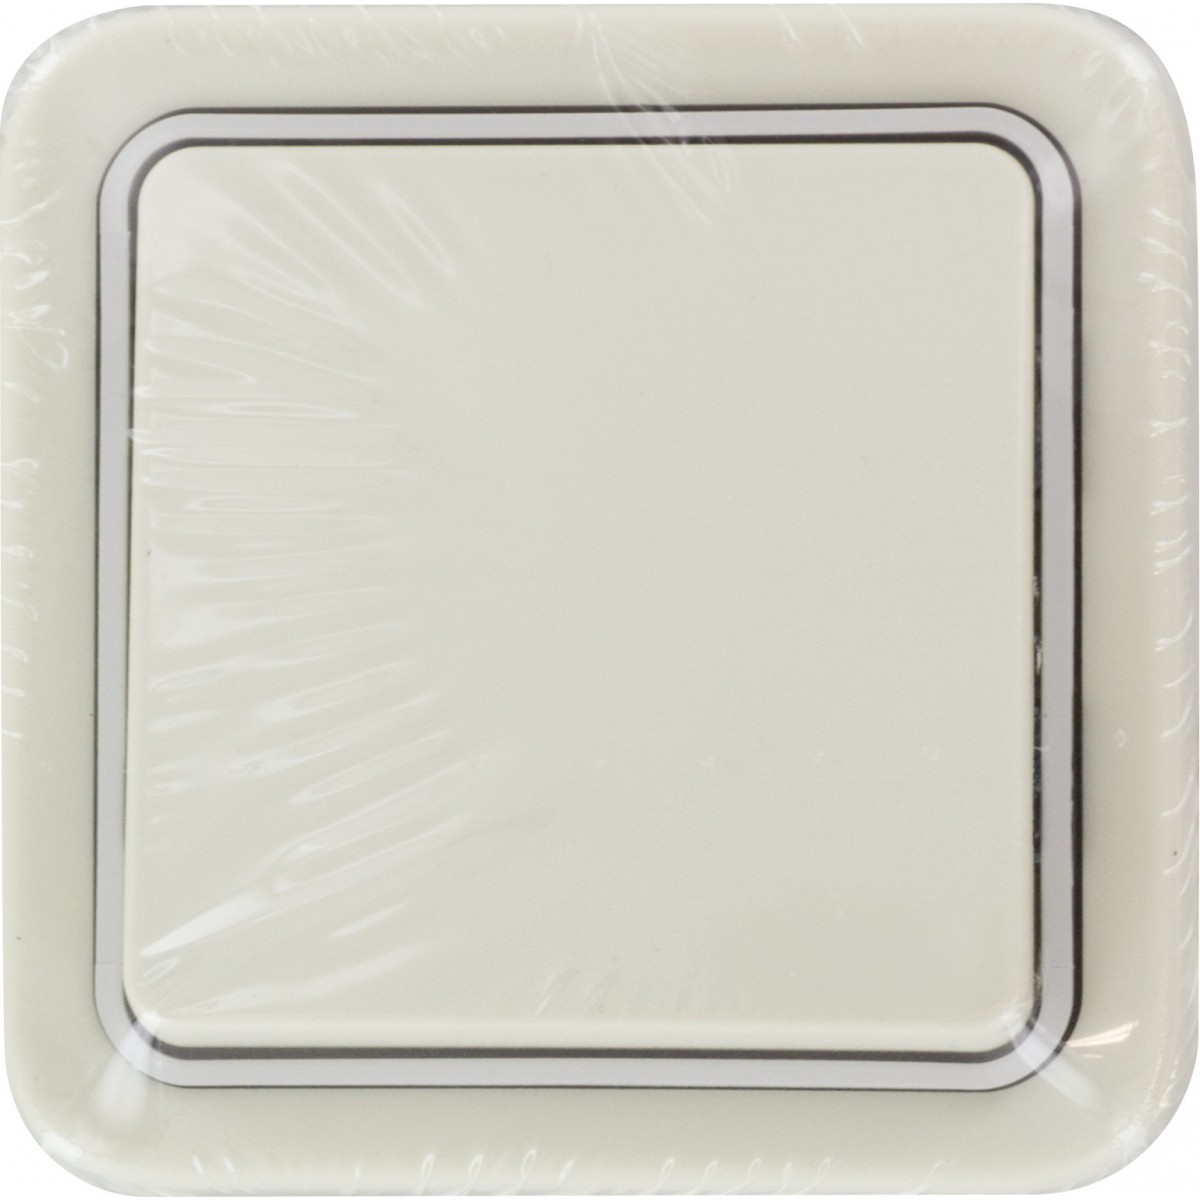 Interrupteur en saillie Legrand - Plexo - Blanc - Simple